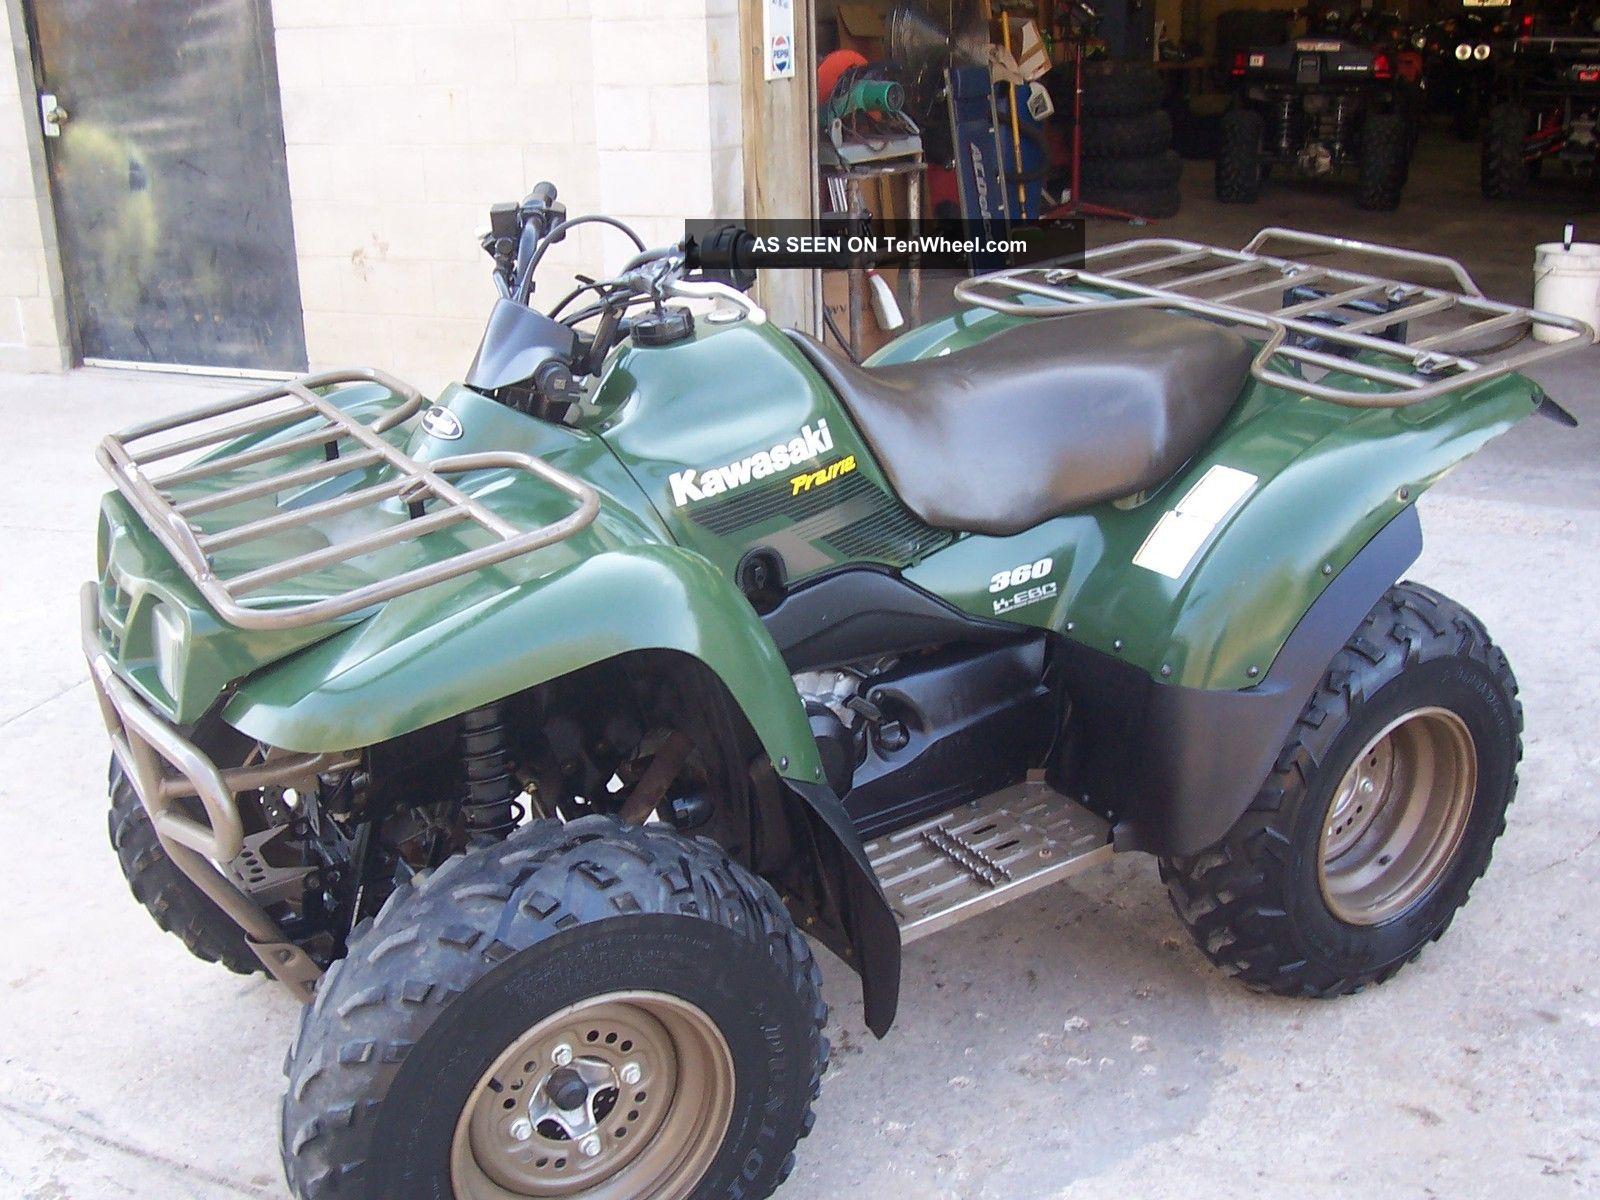 2003 Kawasaki Kawasaki photo